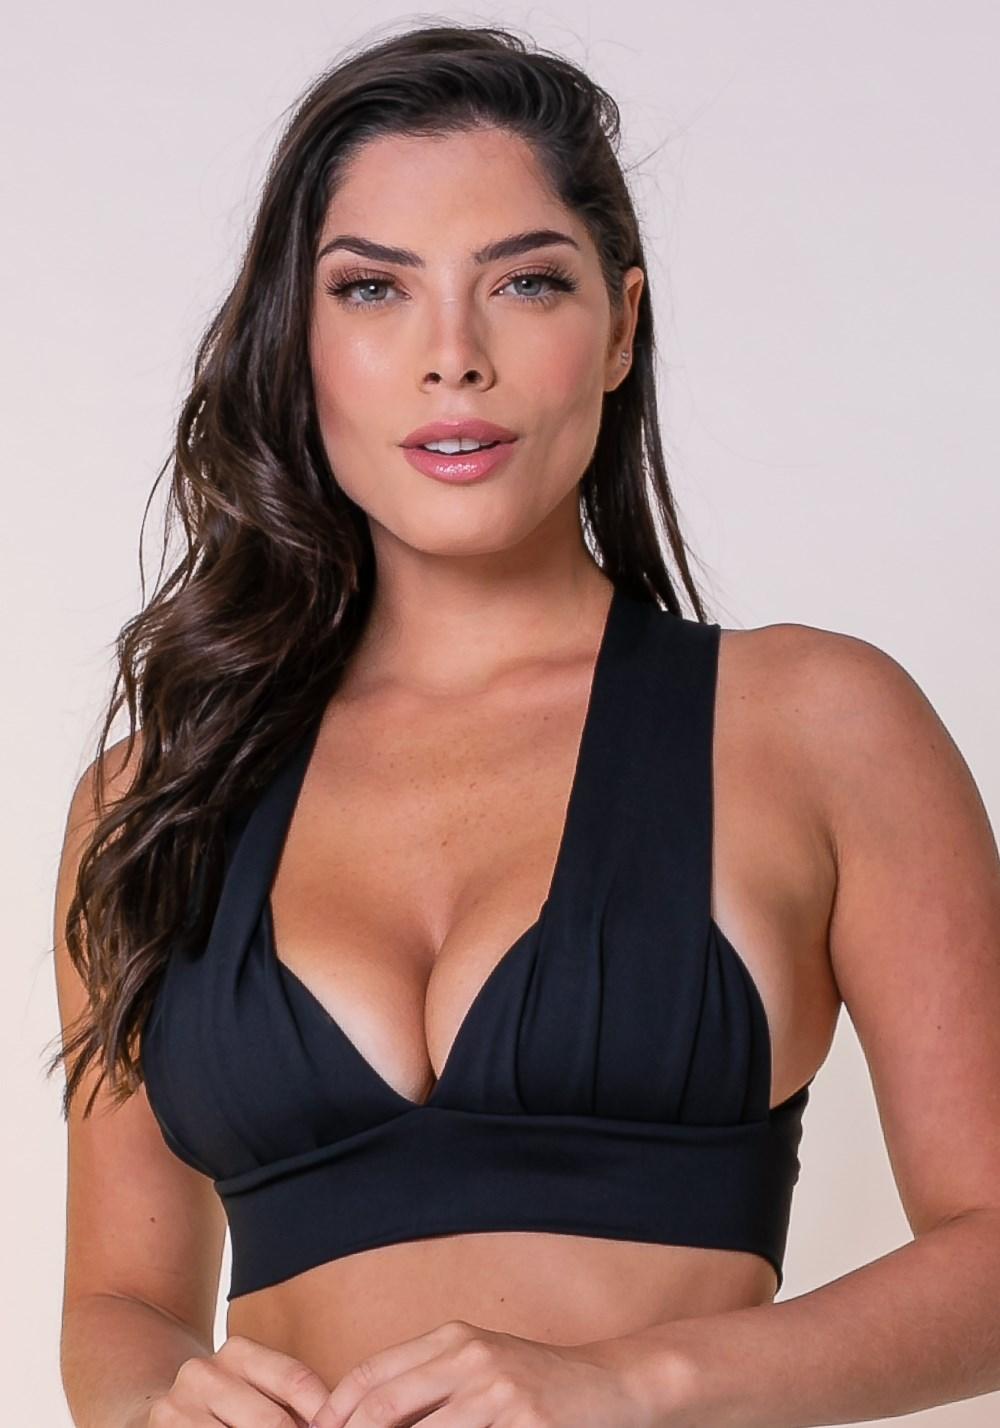 Top fitness drapeado preto com bojo